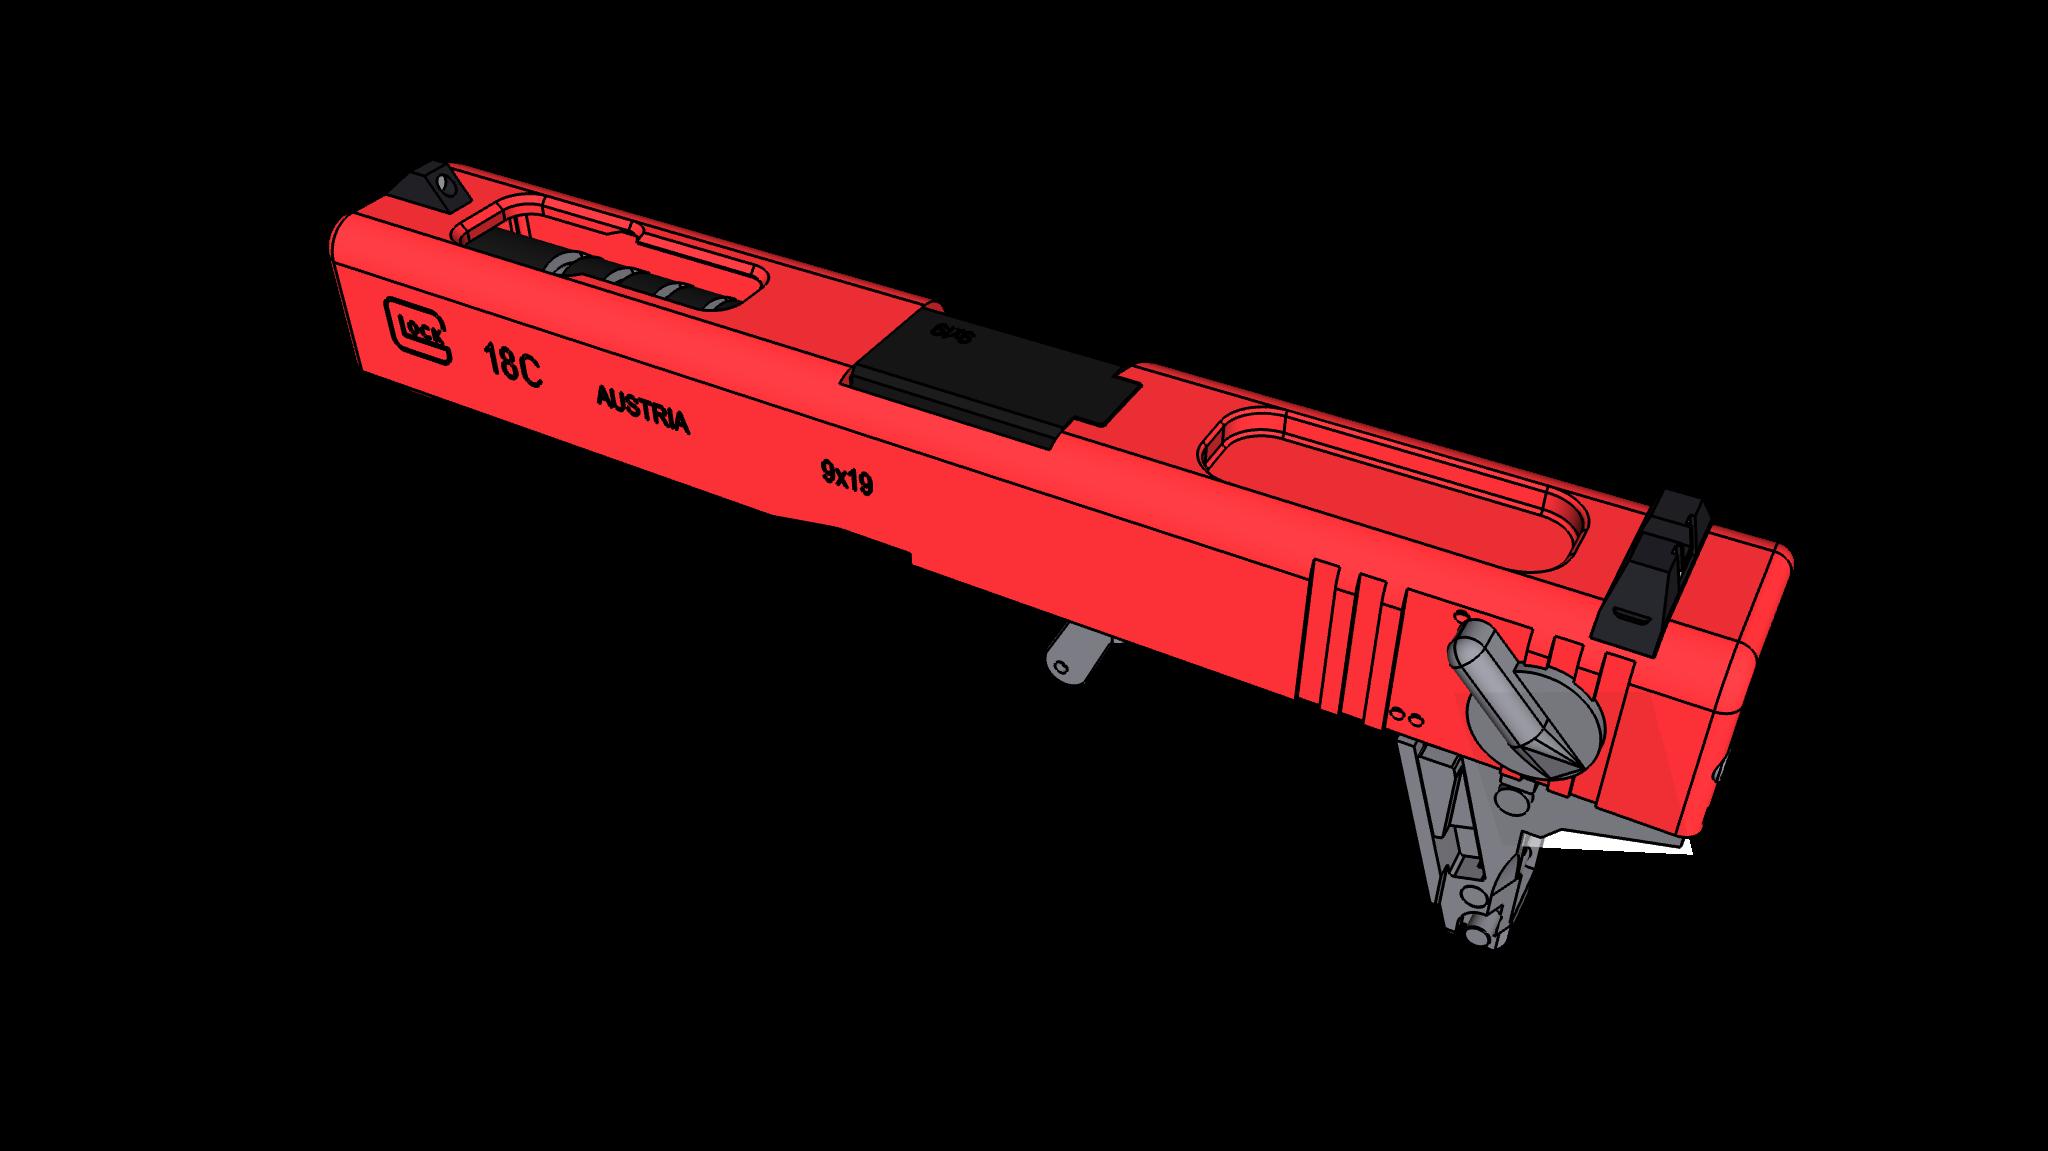 射水鱼G18c 2.0 全自动水弹发射器套件